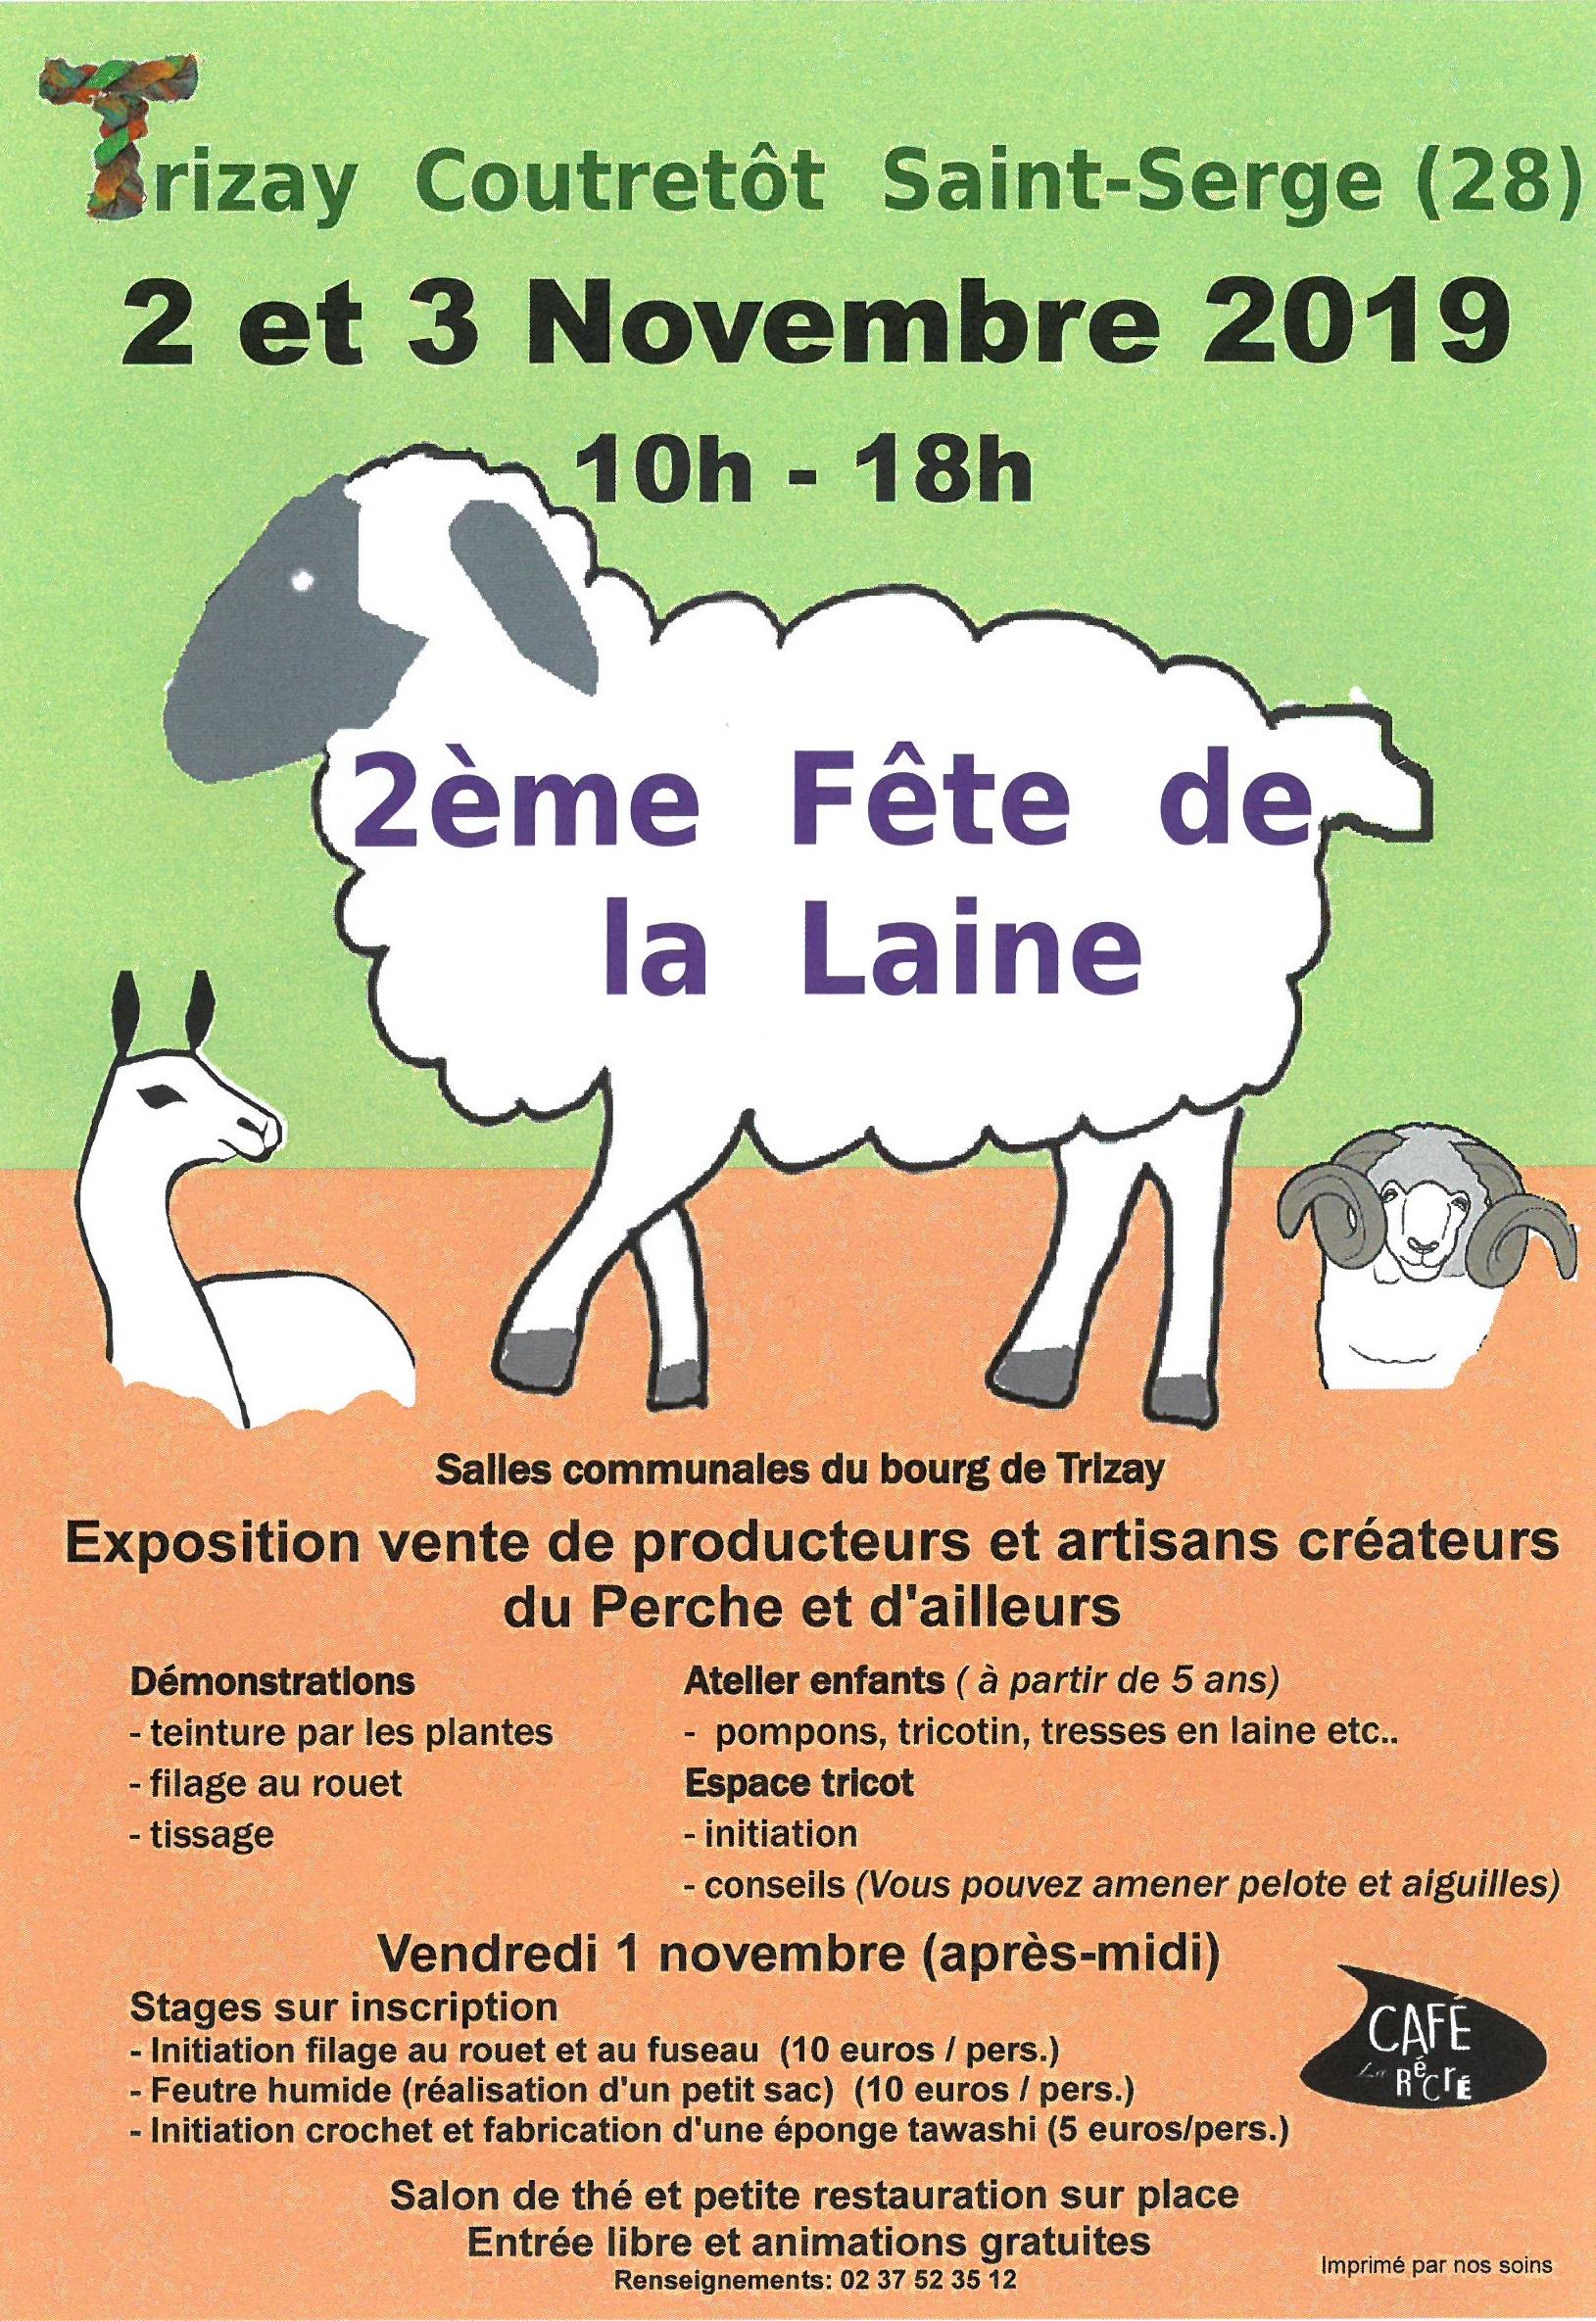 2ème Fête de la Laine à TRIZAY-COUTRETOT-SAINT-SERGE © Mairie Trizay